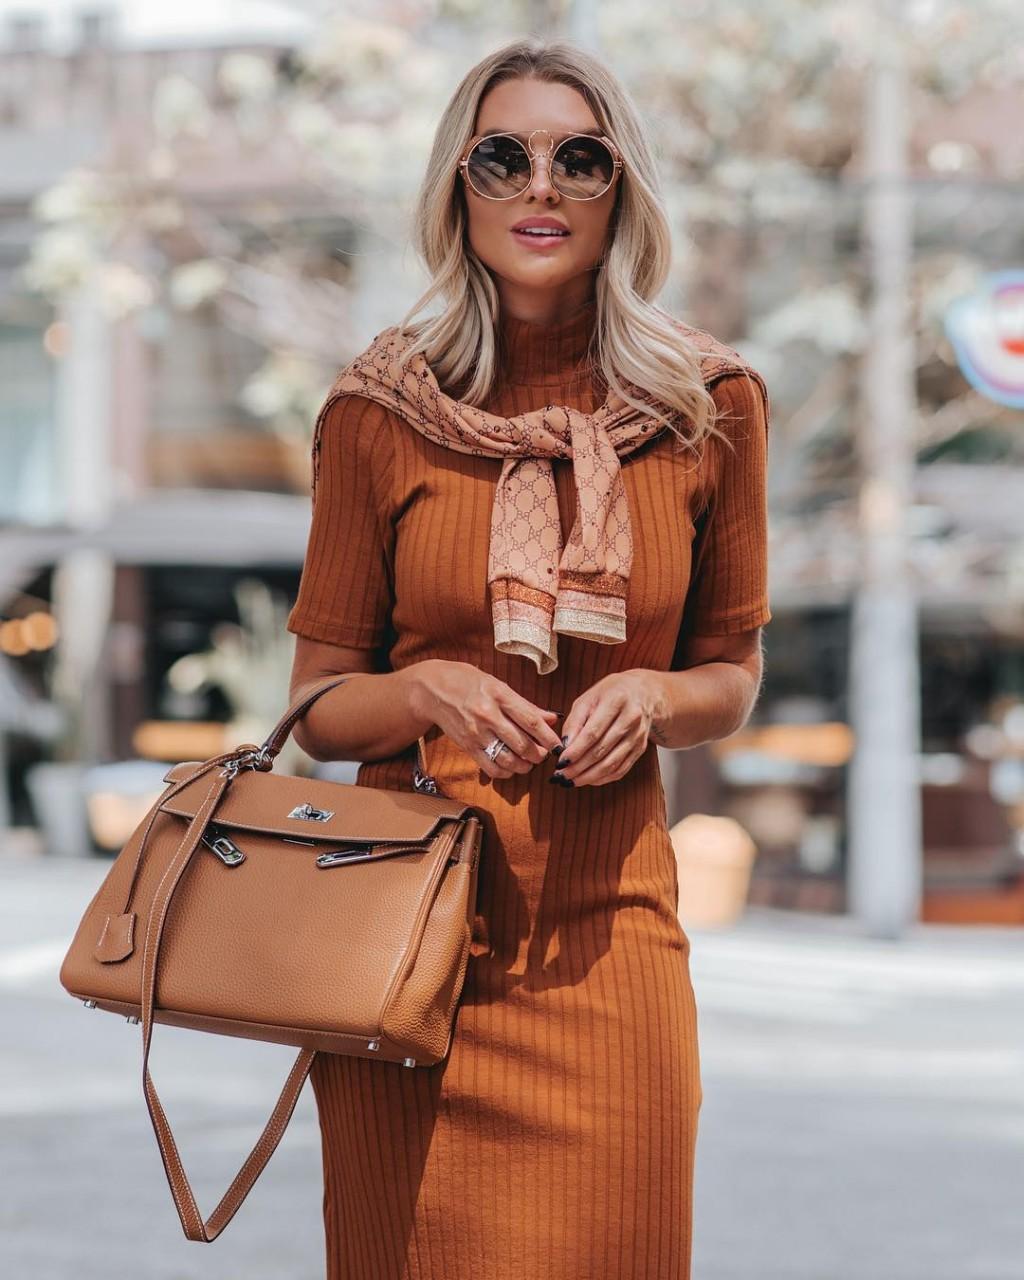 Деловой стиль для женщин возраста элегантности – 11 непревзойденных образов на весну 2019